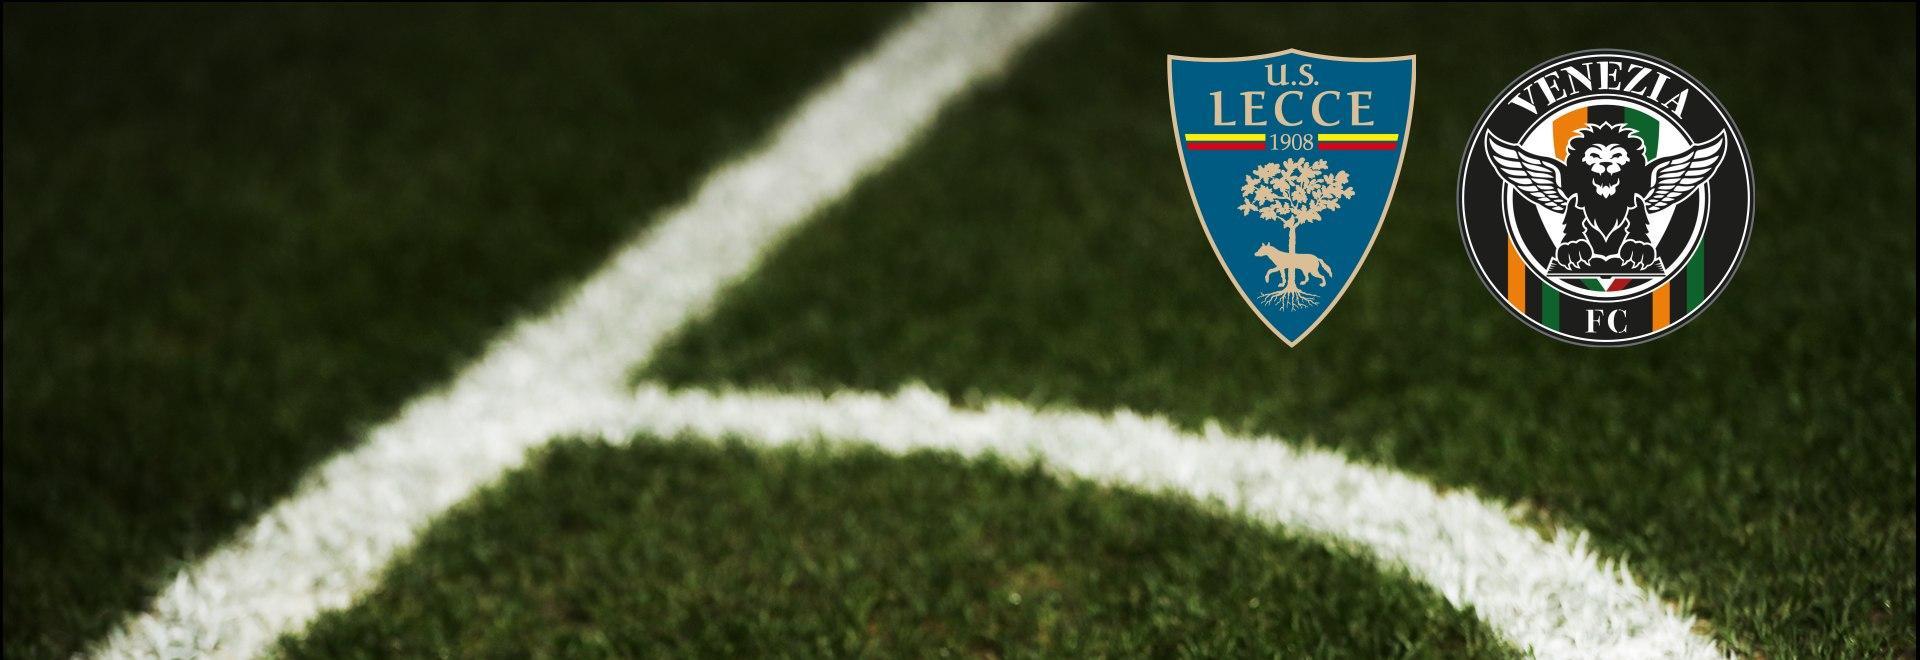 Lecce - Venezia. 10a g.